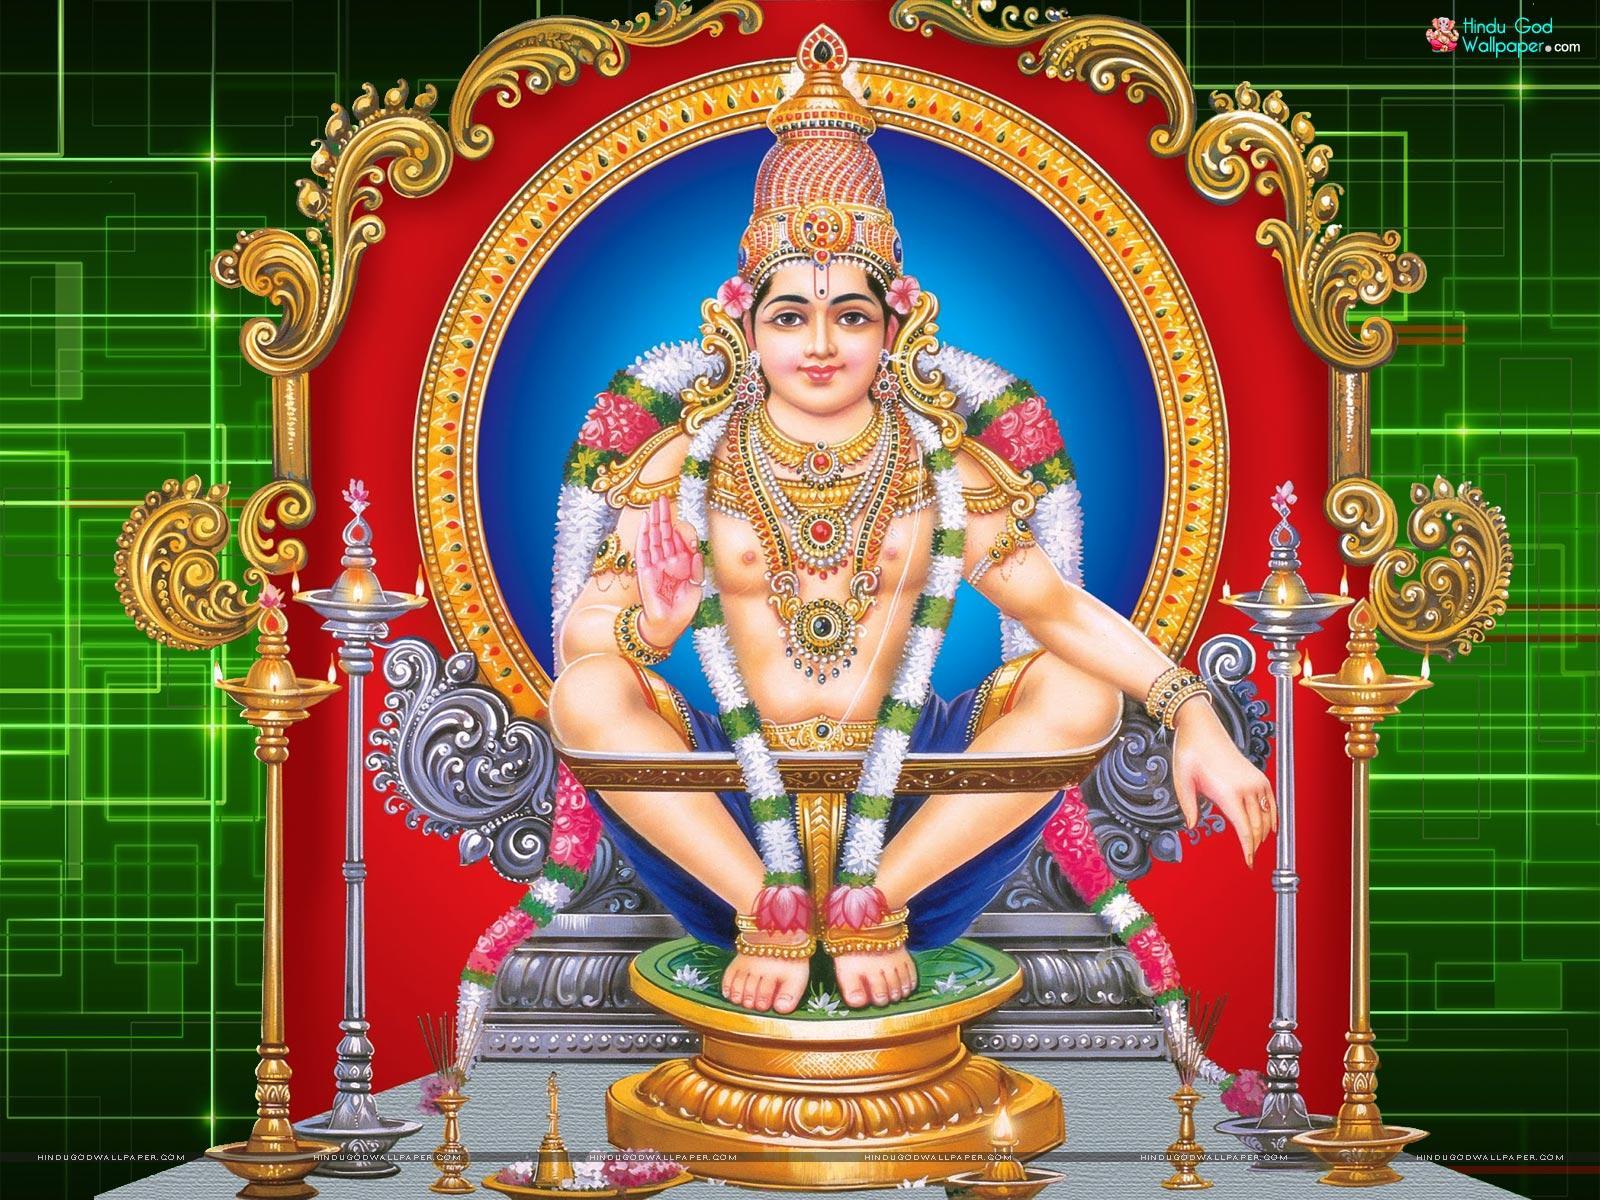 lord ayyappan wallpapers wallpaper cave lord ayyappan wallpapers wallpaper cave